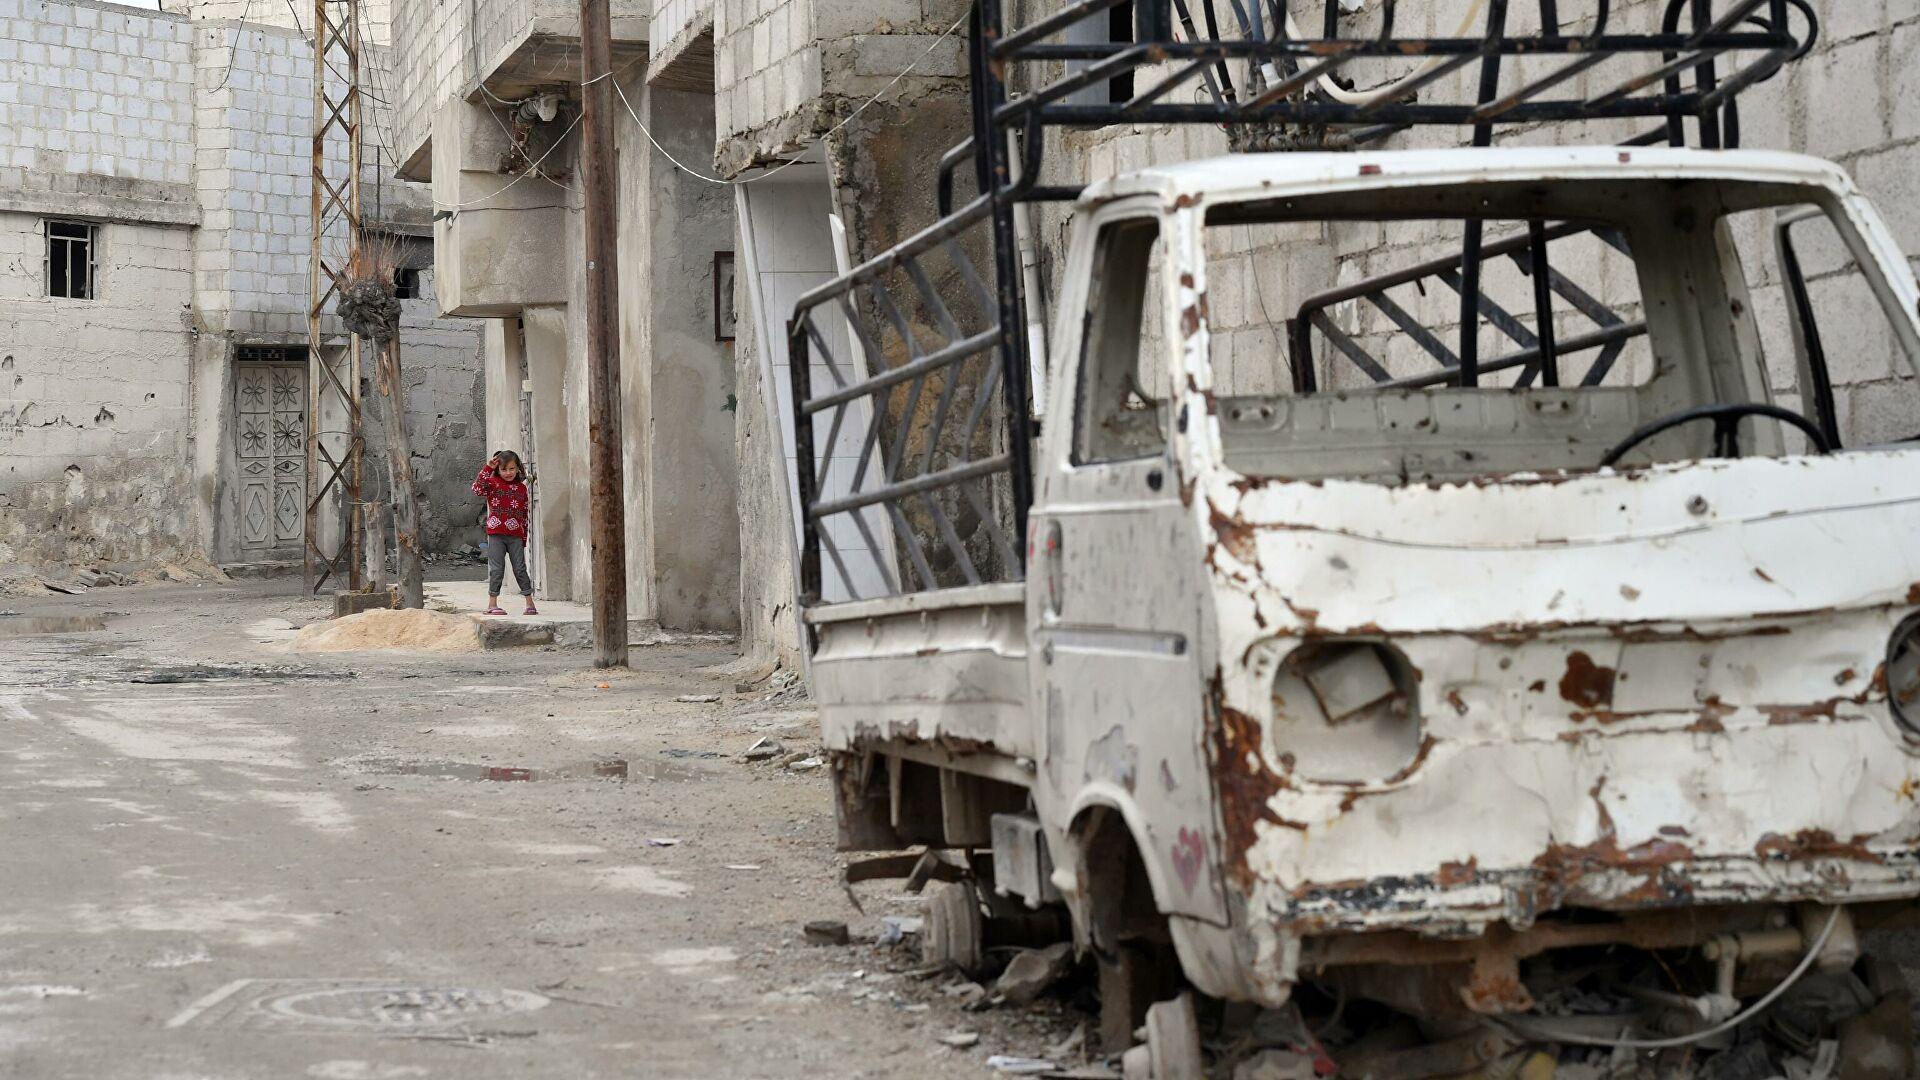 Пожар в лагере беженцев в Сирии: есть погибшие